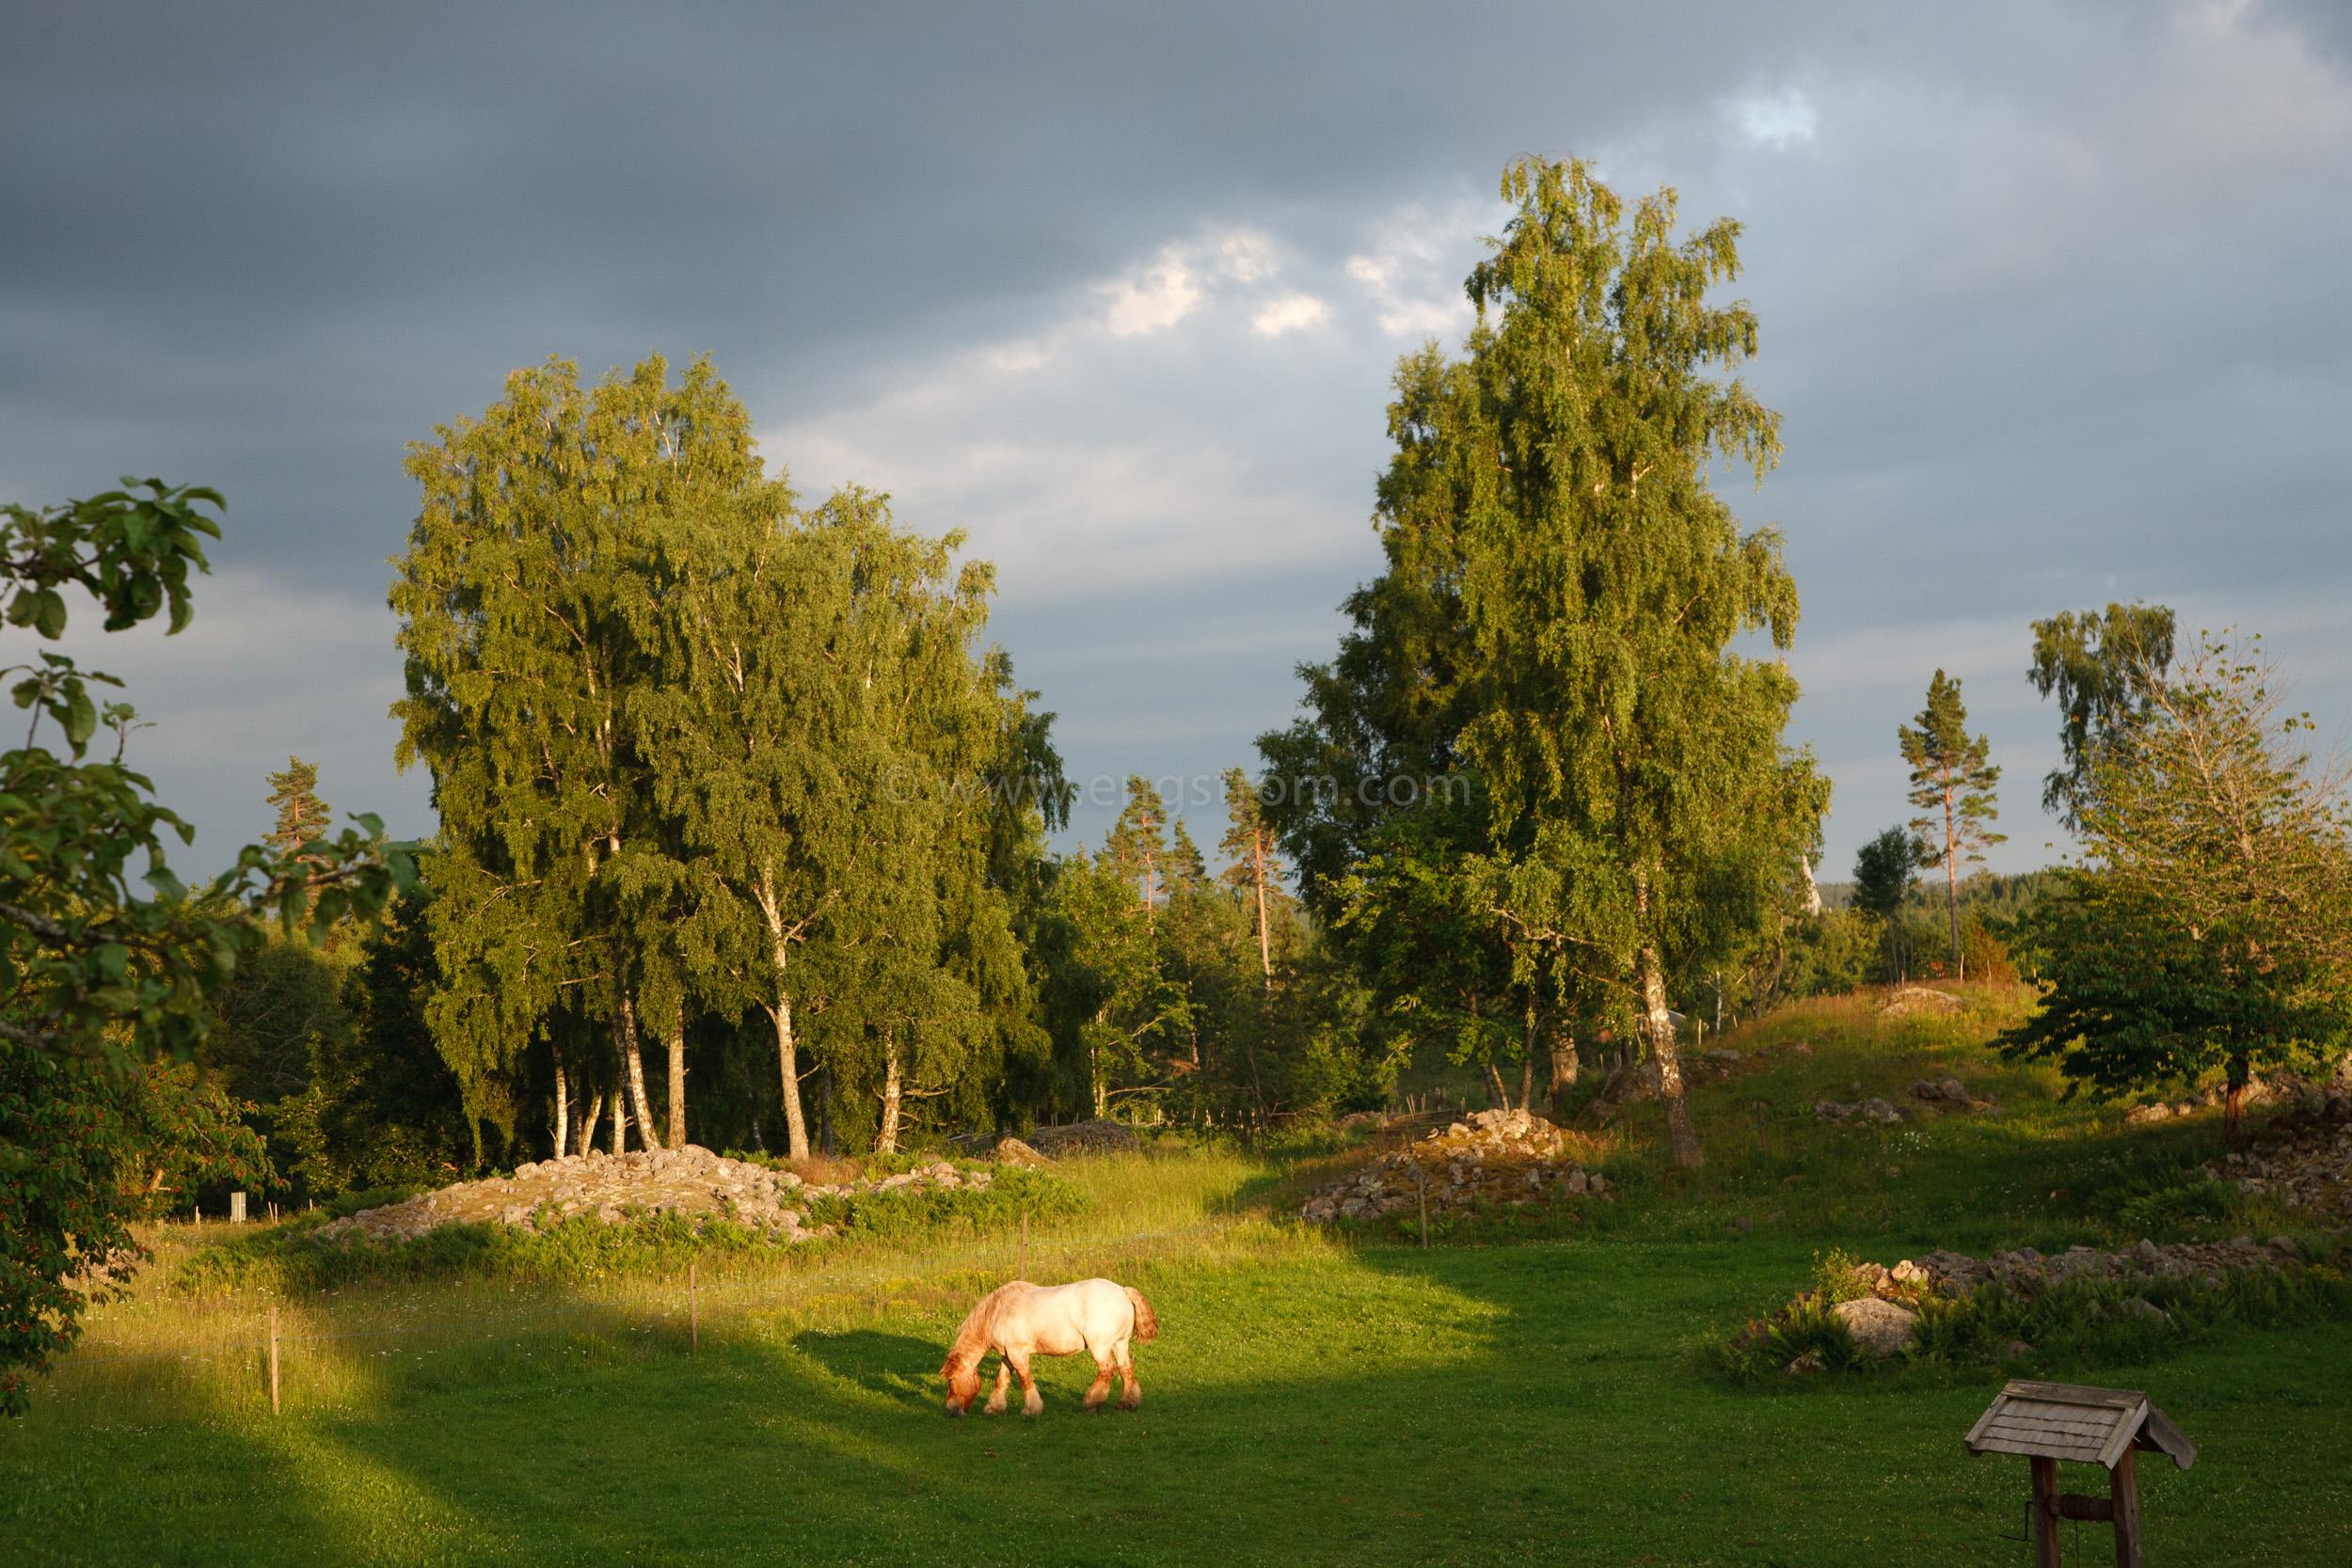 JE_20110707-195311, Arbetshäst på bete i solnedgång., Jonas Engström